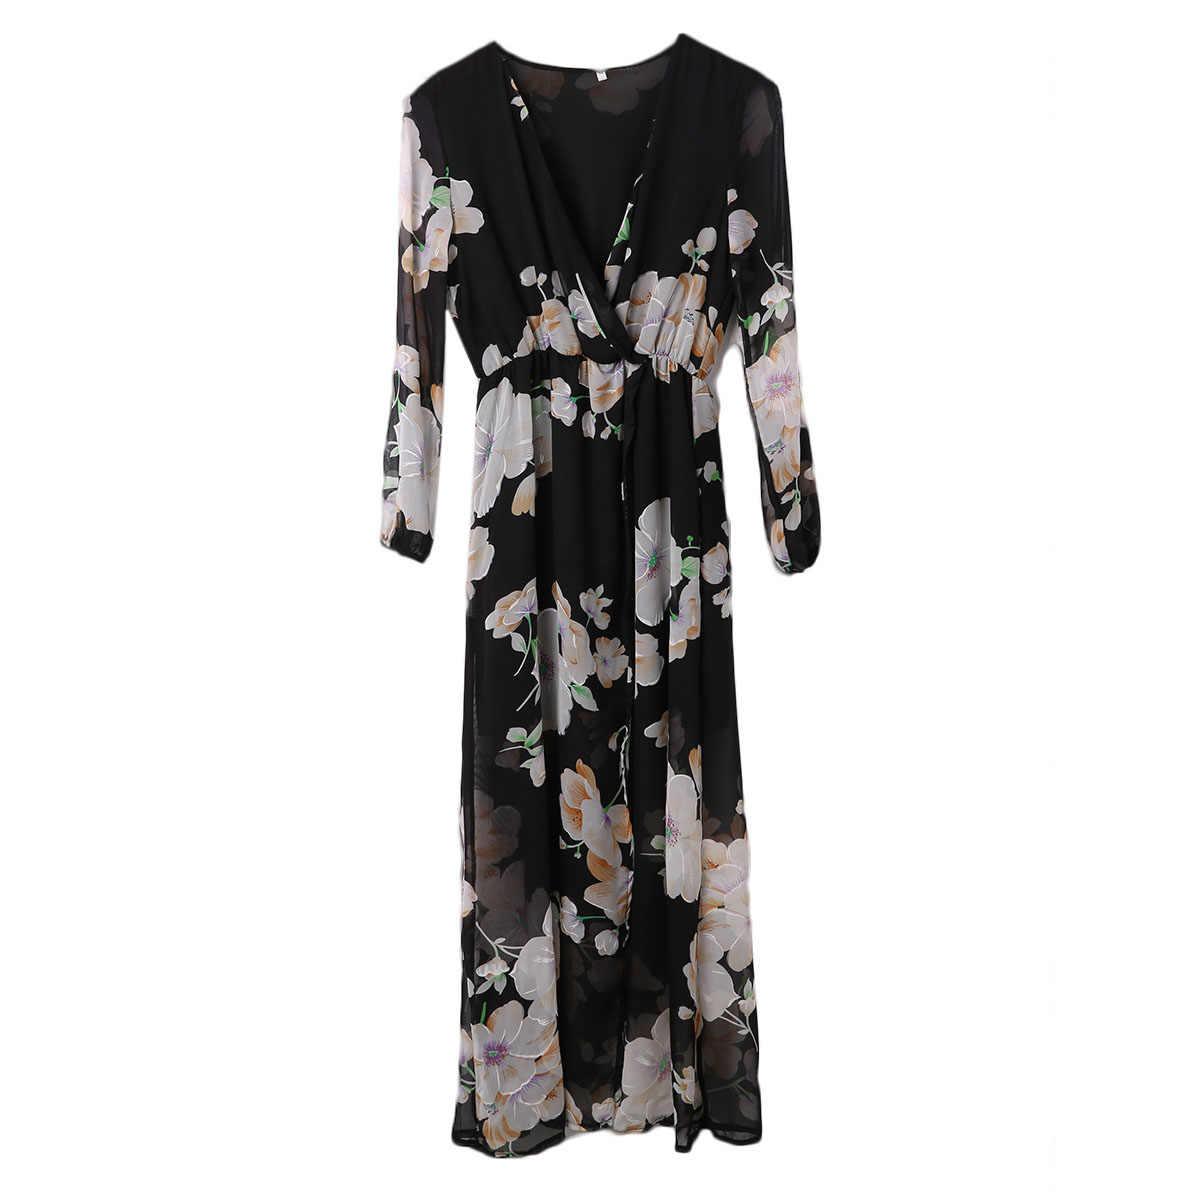 Hirigin 2017 Для женщин Дамы Цветочный принт с длинным рукавом глубокий v-образным вырезом черный Цвет Boho Вечеринка длинное платье